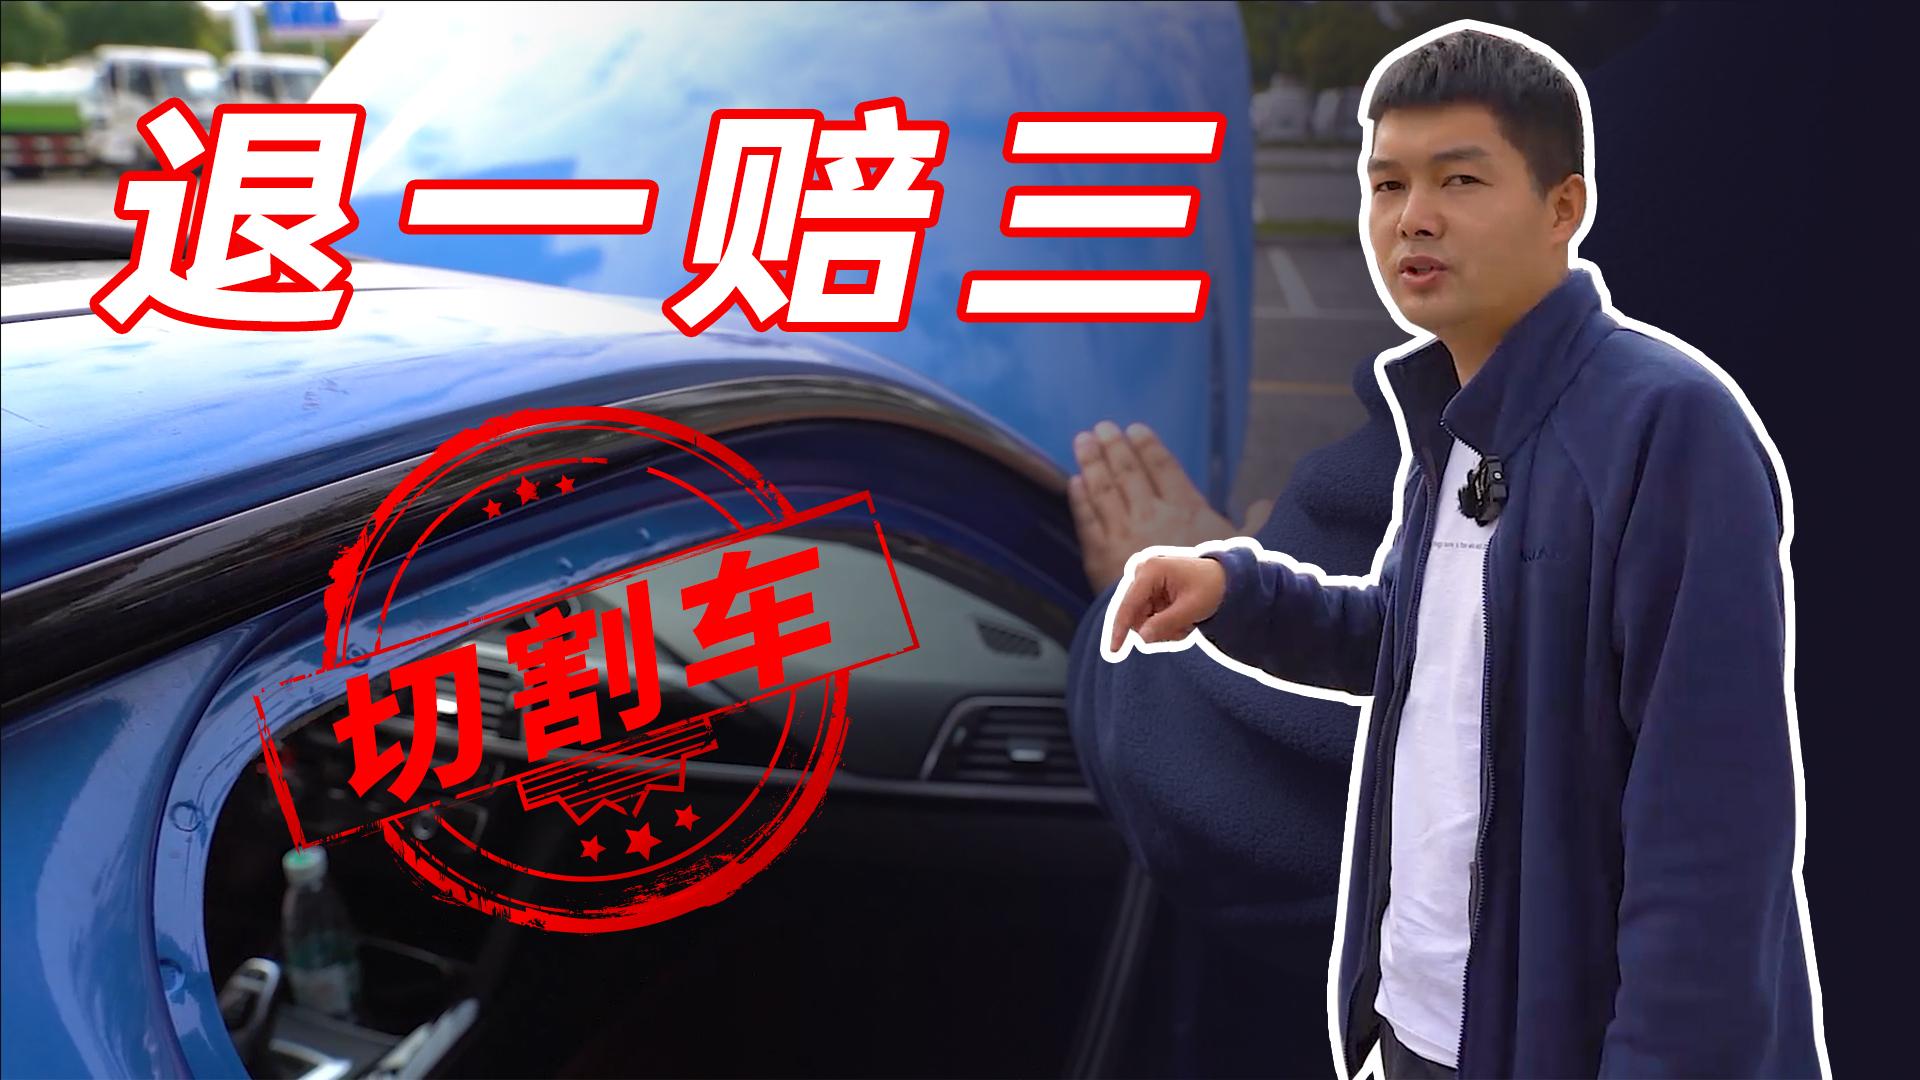 车主23万买好友宝马,开半年后发现是大事故车,为何他如此淡定?